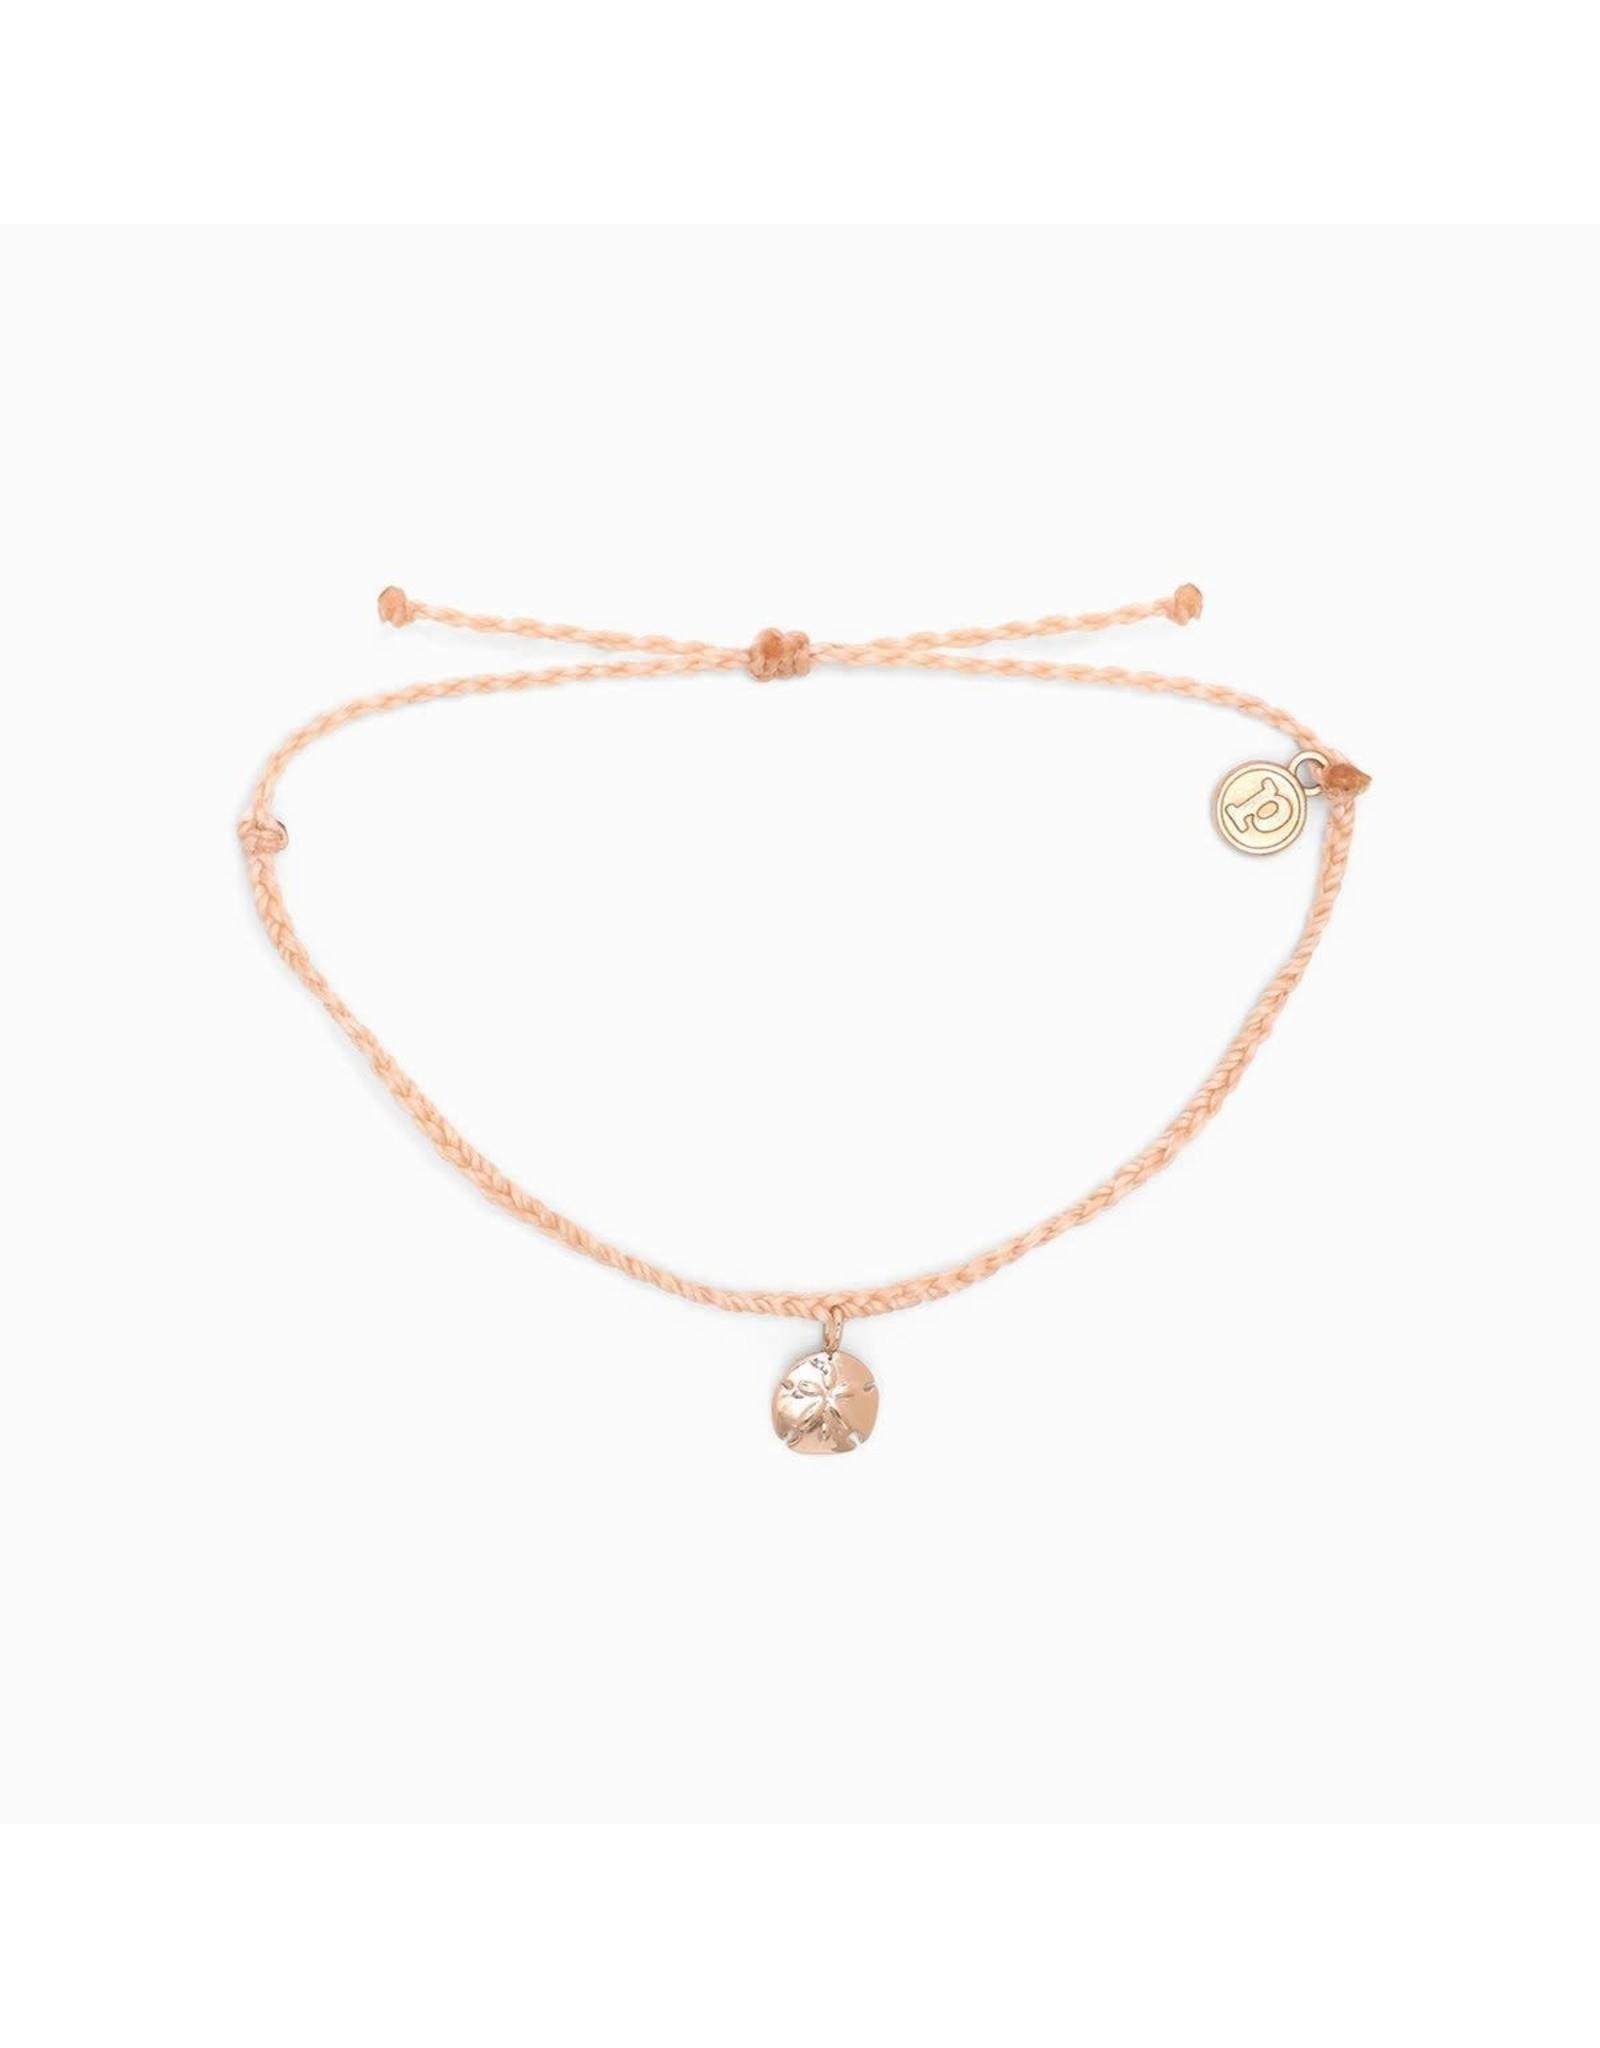 Pura Vida, Rose Gold Sand Dollar Bracelet, Blush